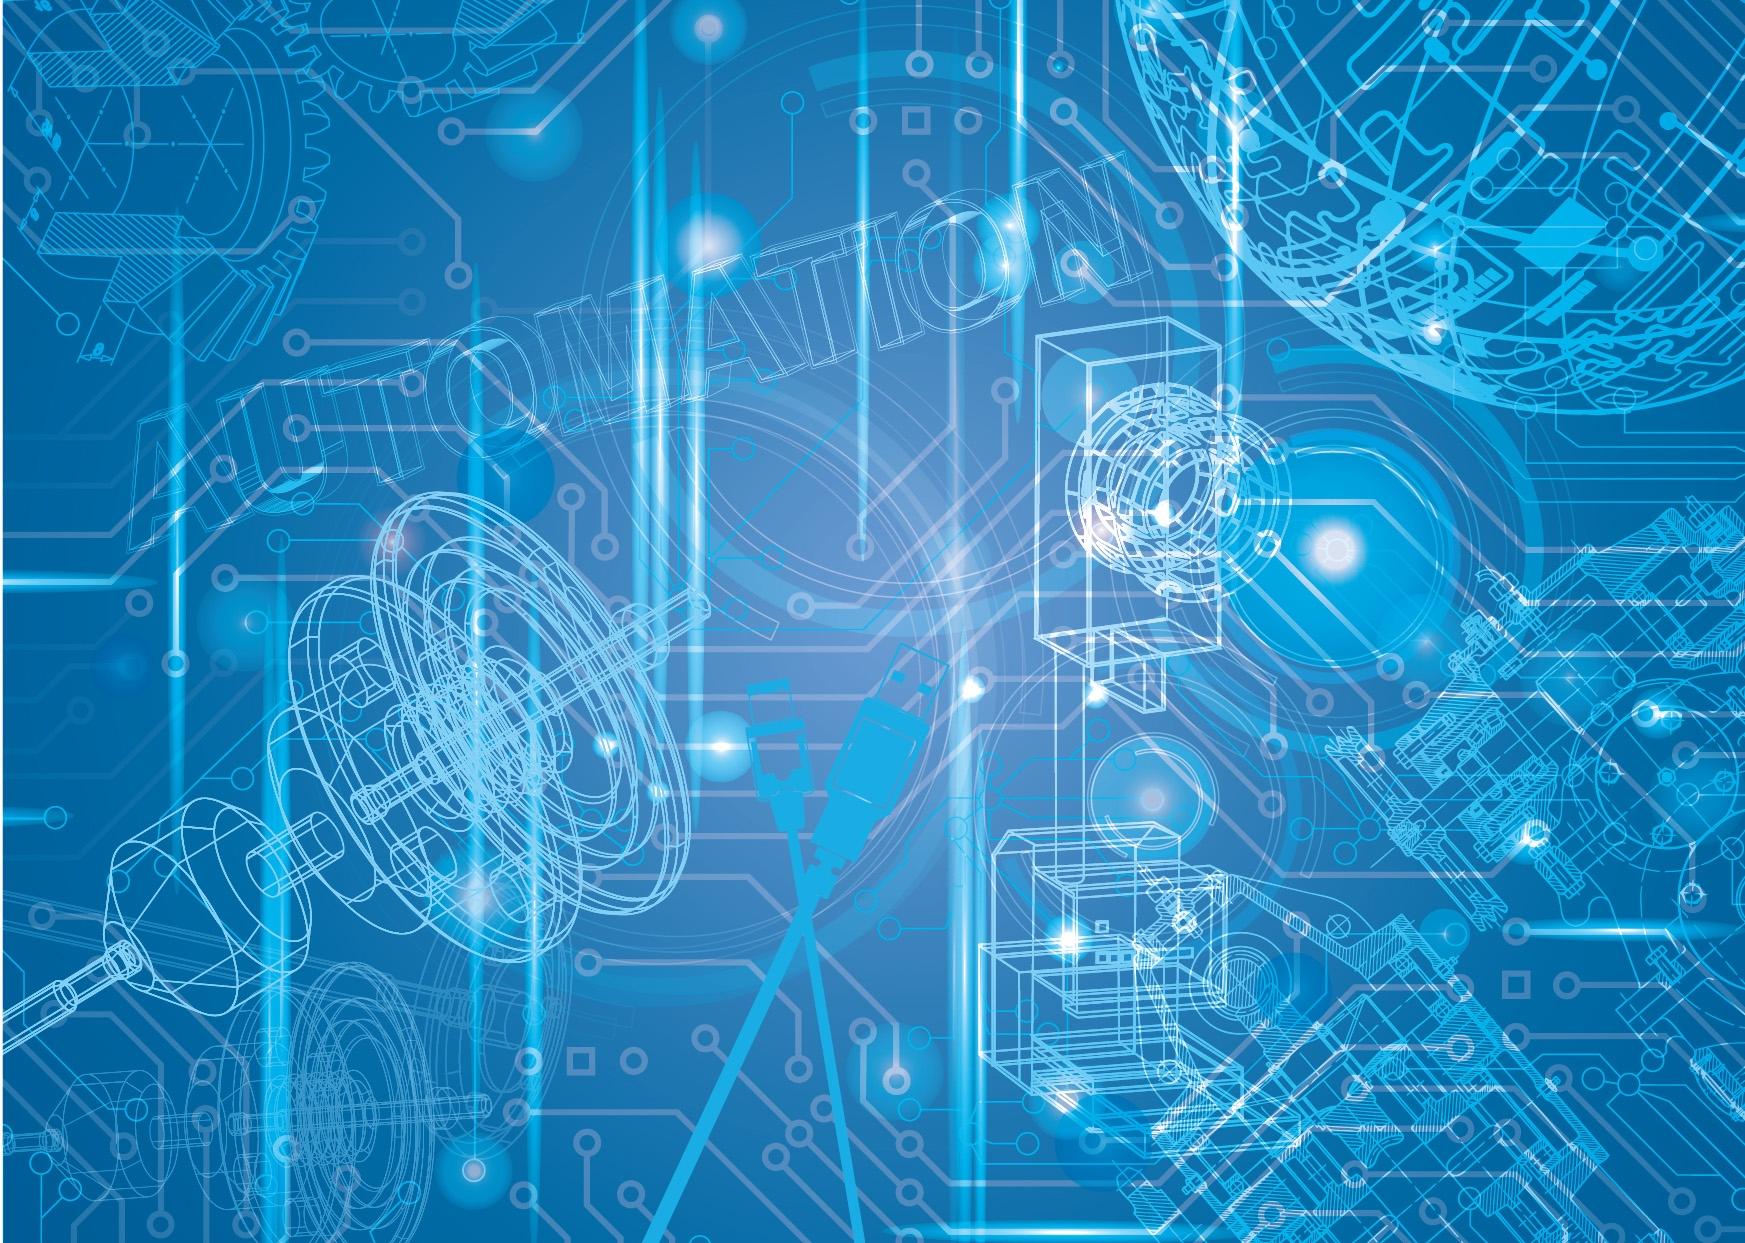 Tracking materiali in processo: un approccio smart factory che sfrutta l'integrazione tra MES e IIoT